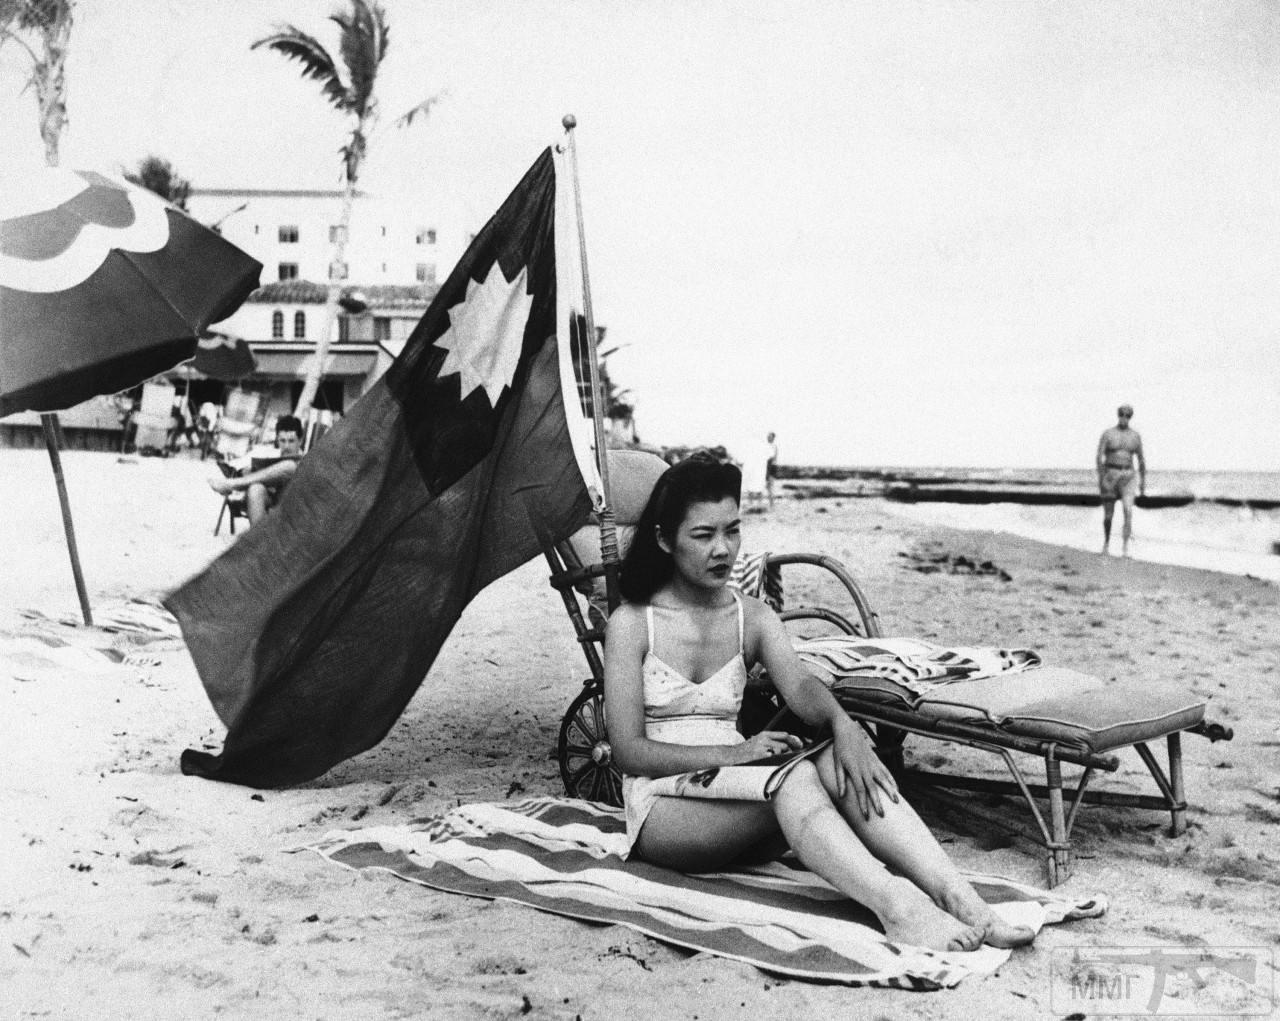 41598 - Китаянка Рут Ли установила национальный флаг из опасения, что ее примут за японку на отдыхе в Майами. 15 декабря 1941 года.